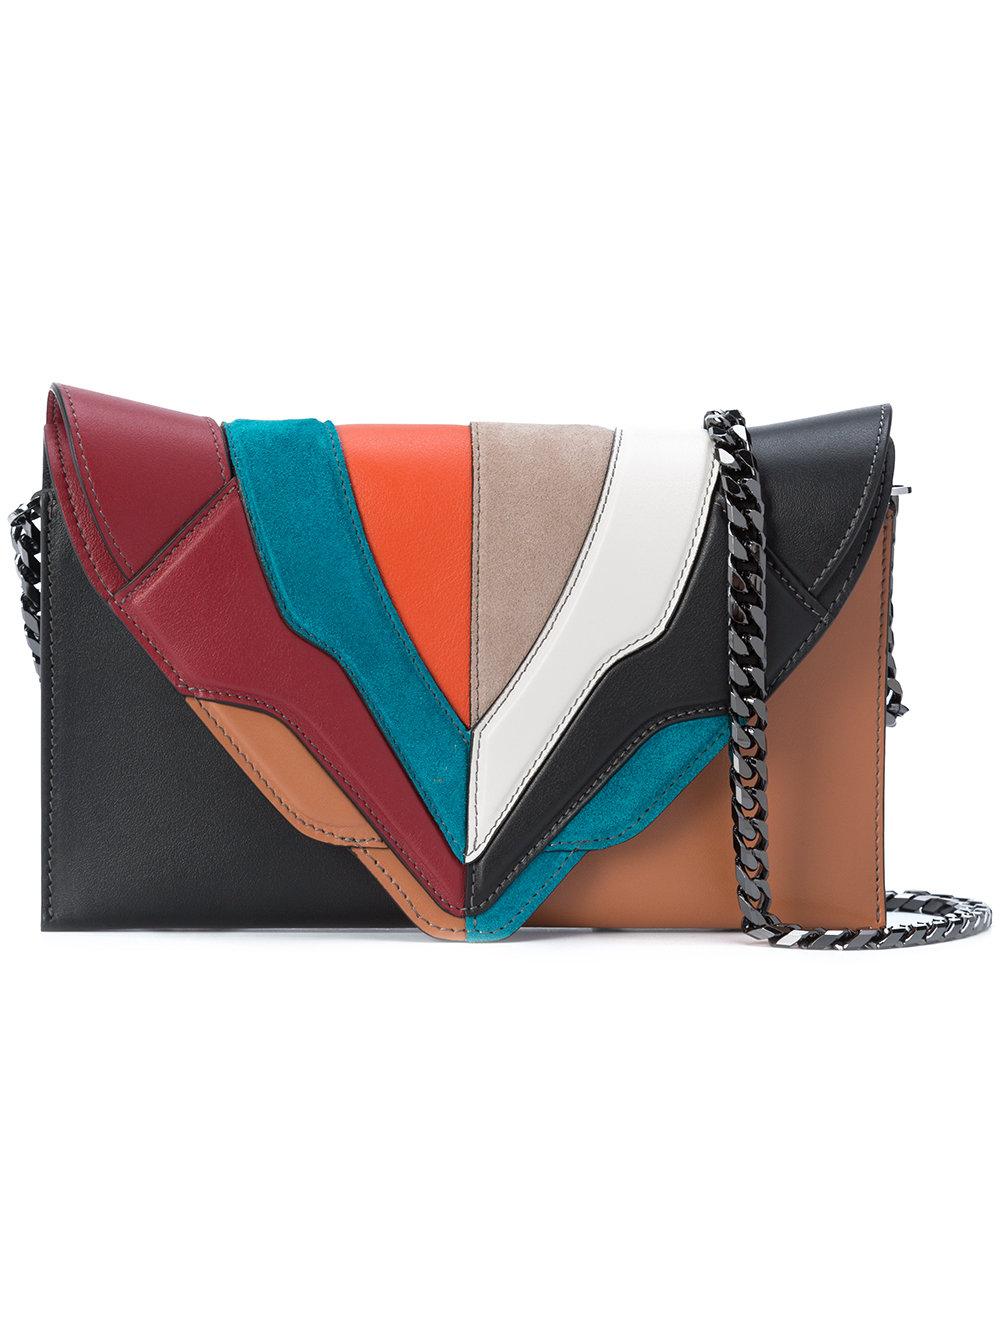 ELENA GHISELLINI bag - $850